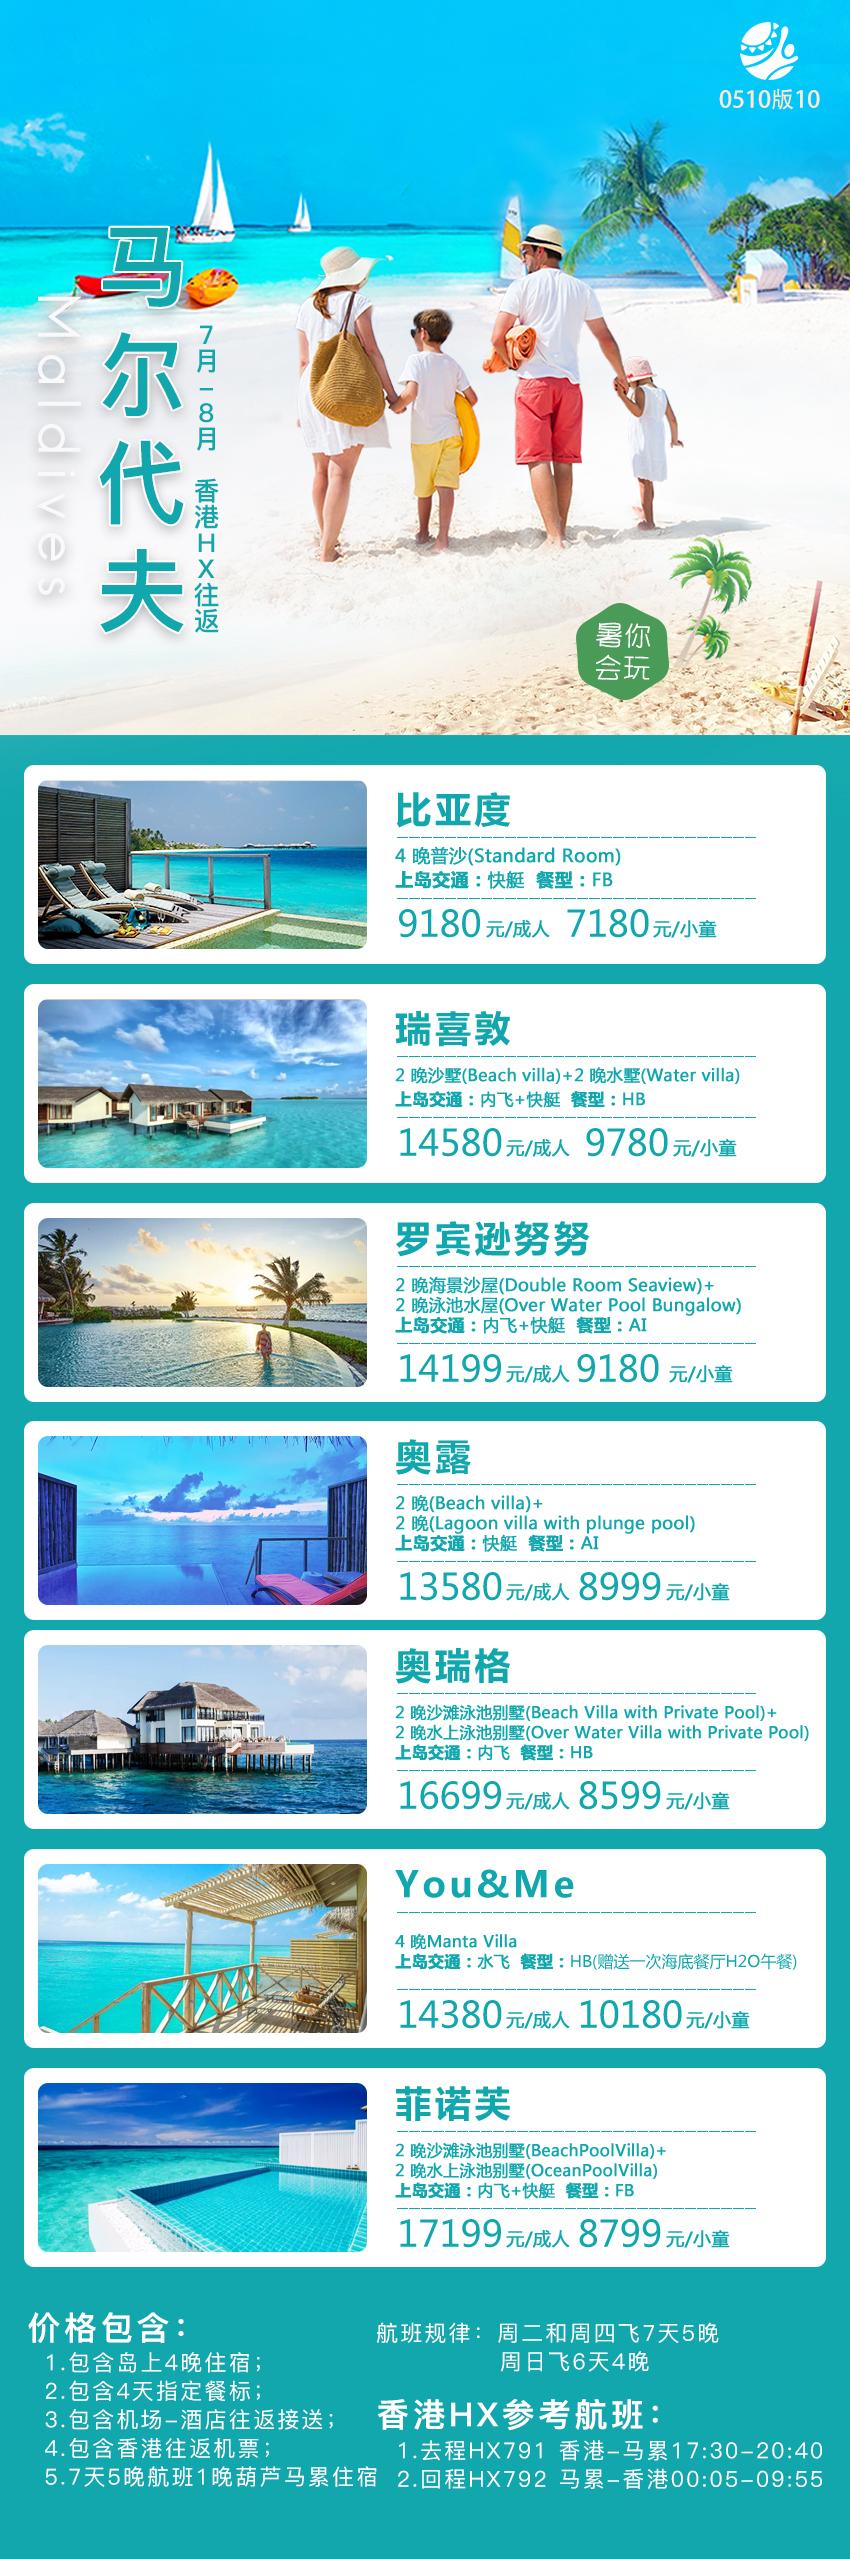 7-8月香港直飞马尔代夫+私密性高+免费WIFI+儿童俱乐部+中文服务+赠送上岛交通